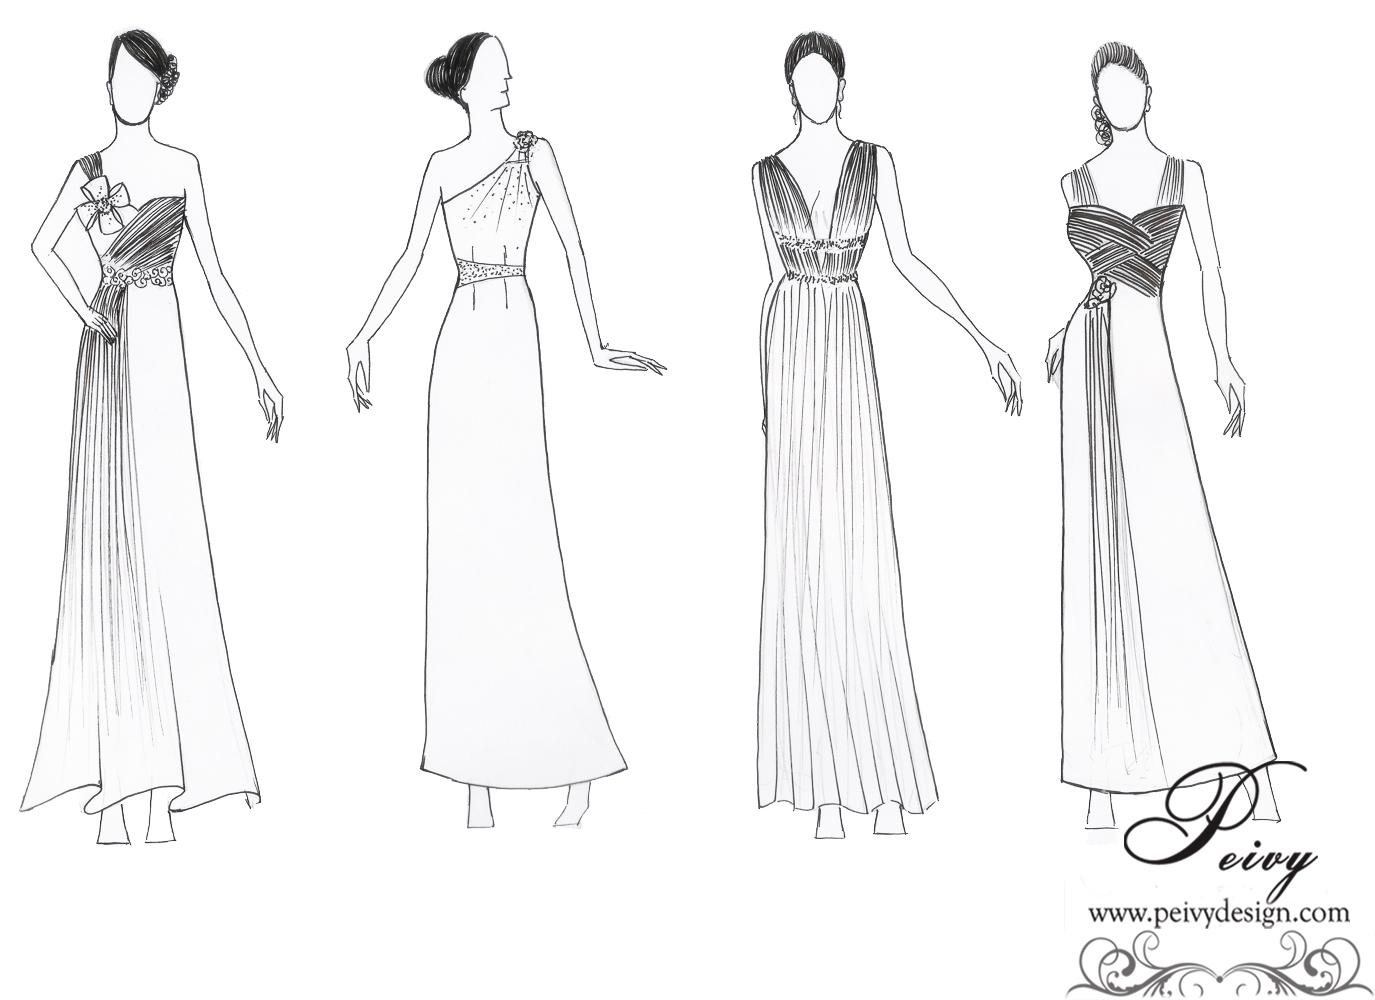 Kumpulan Gambar Sketsa Baju Desainer